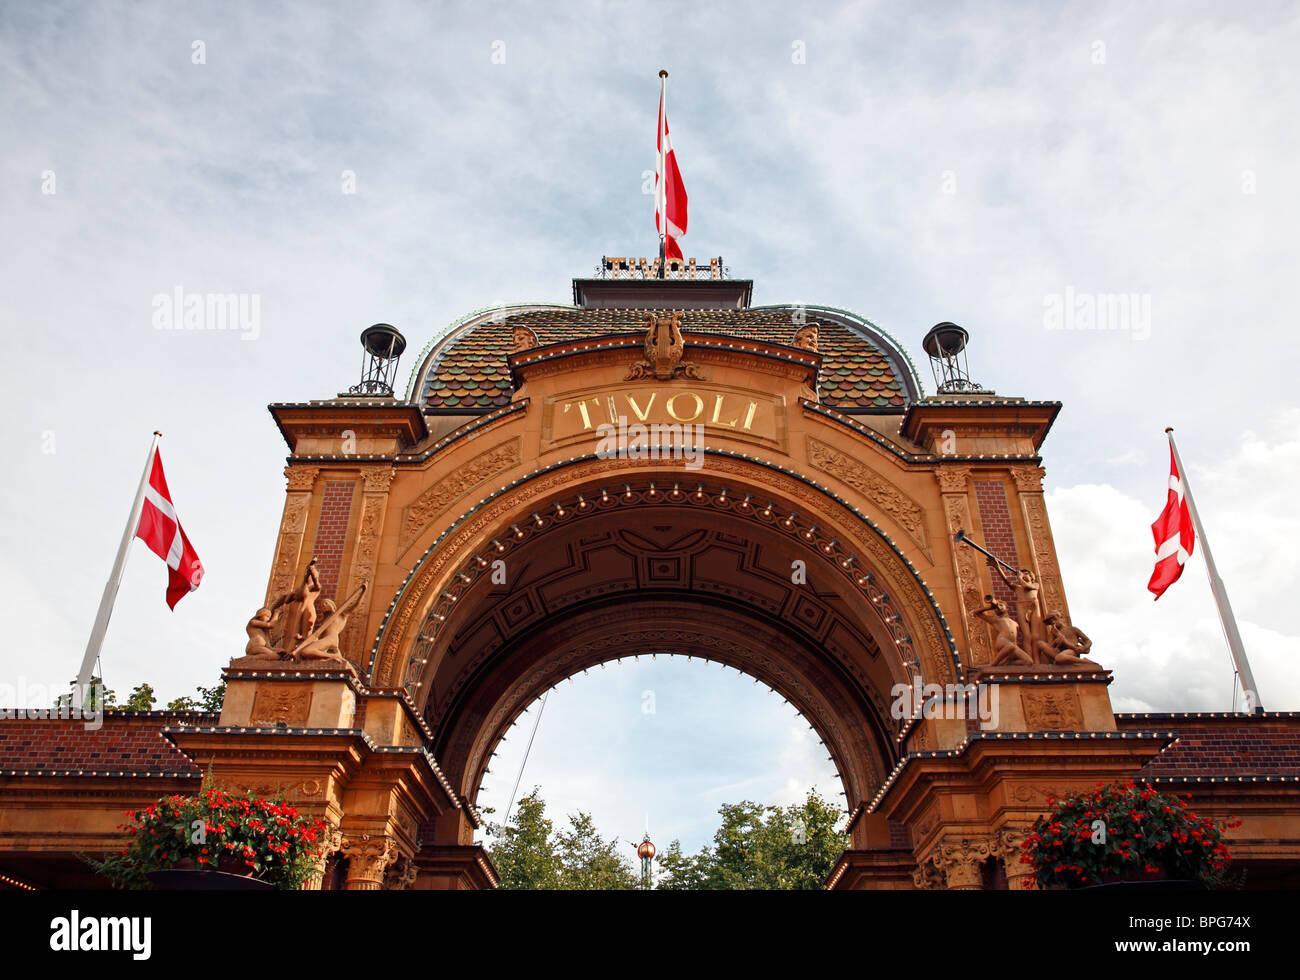 The portal and main entrance to the amusement park Tivoli in Copenhagen, Denmark Stock Photo